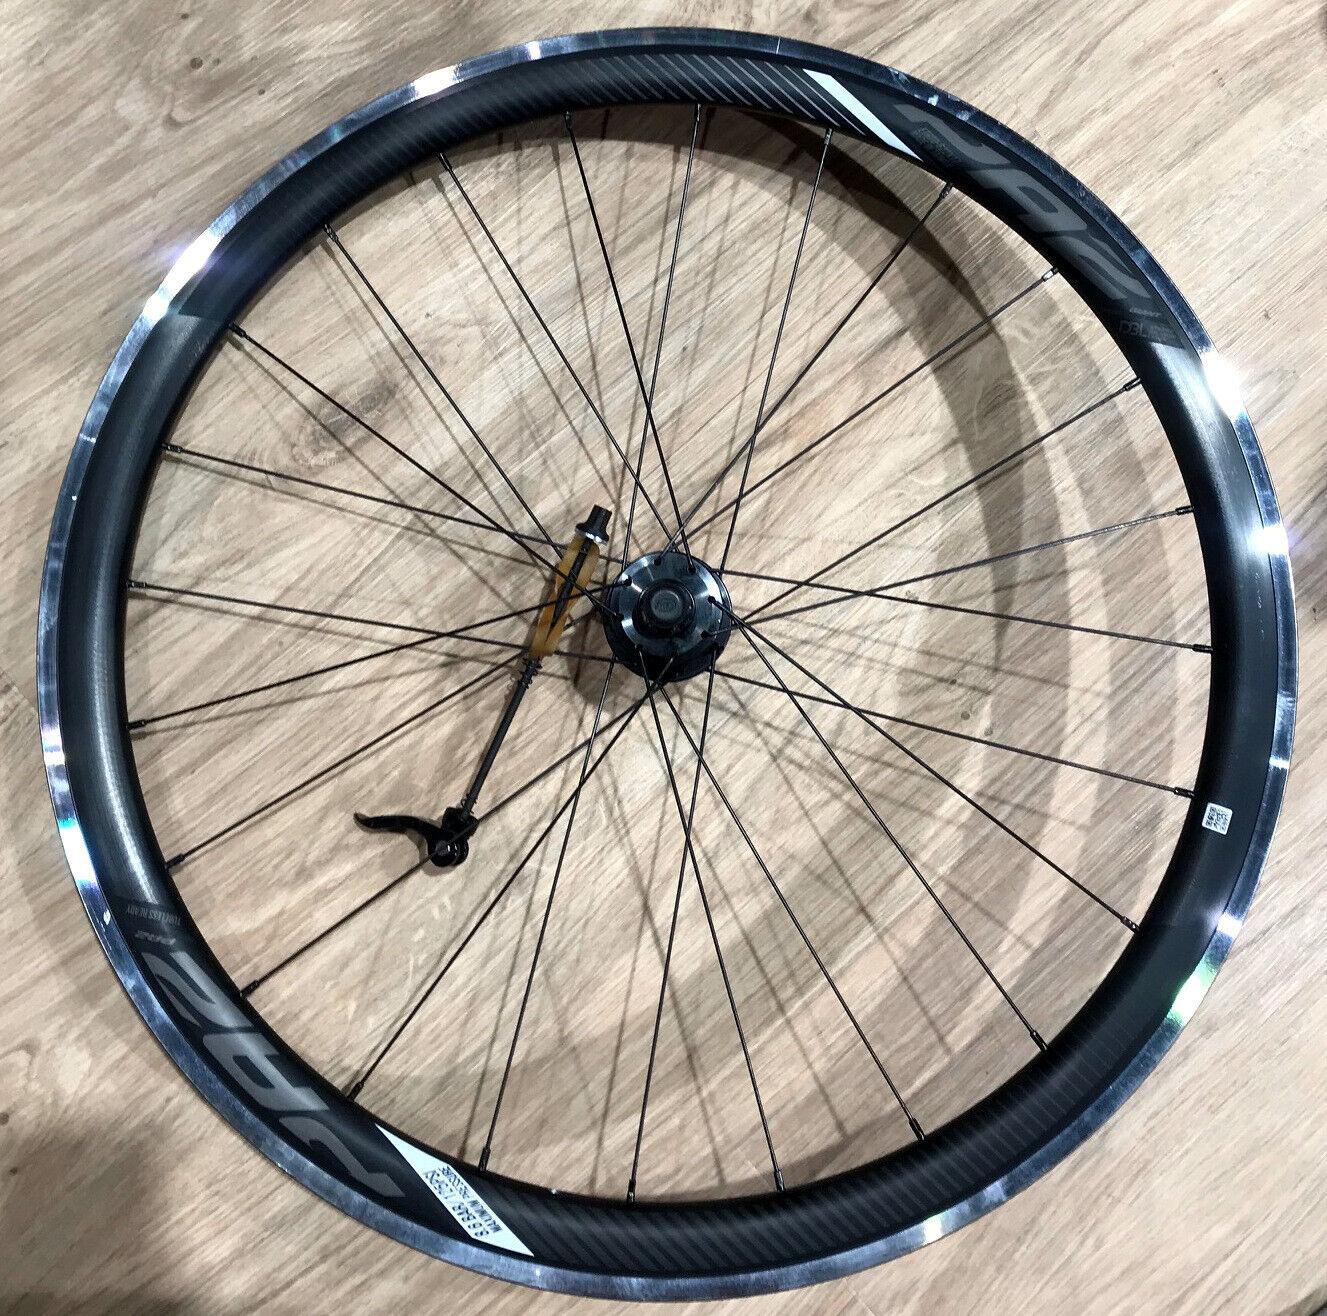 GIANT ruota completa posteriore PROPEL ADVANCED alluminio alloy rear wheel bike